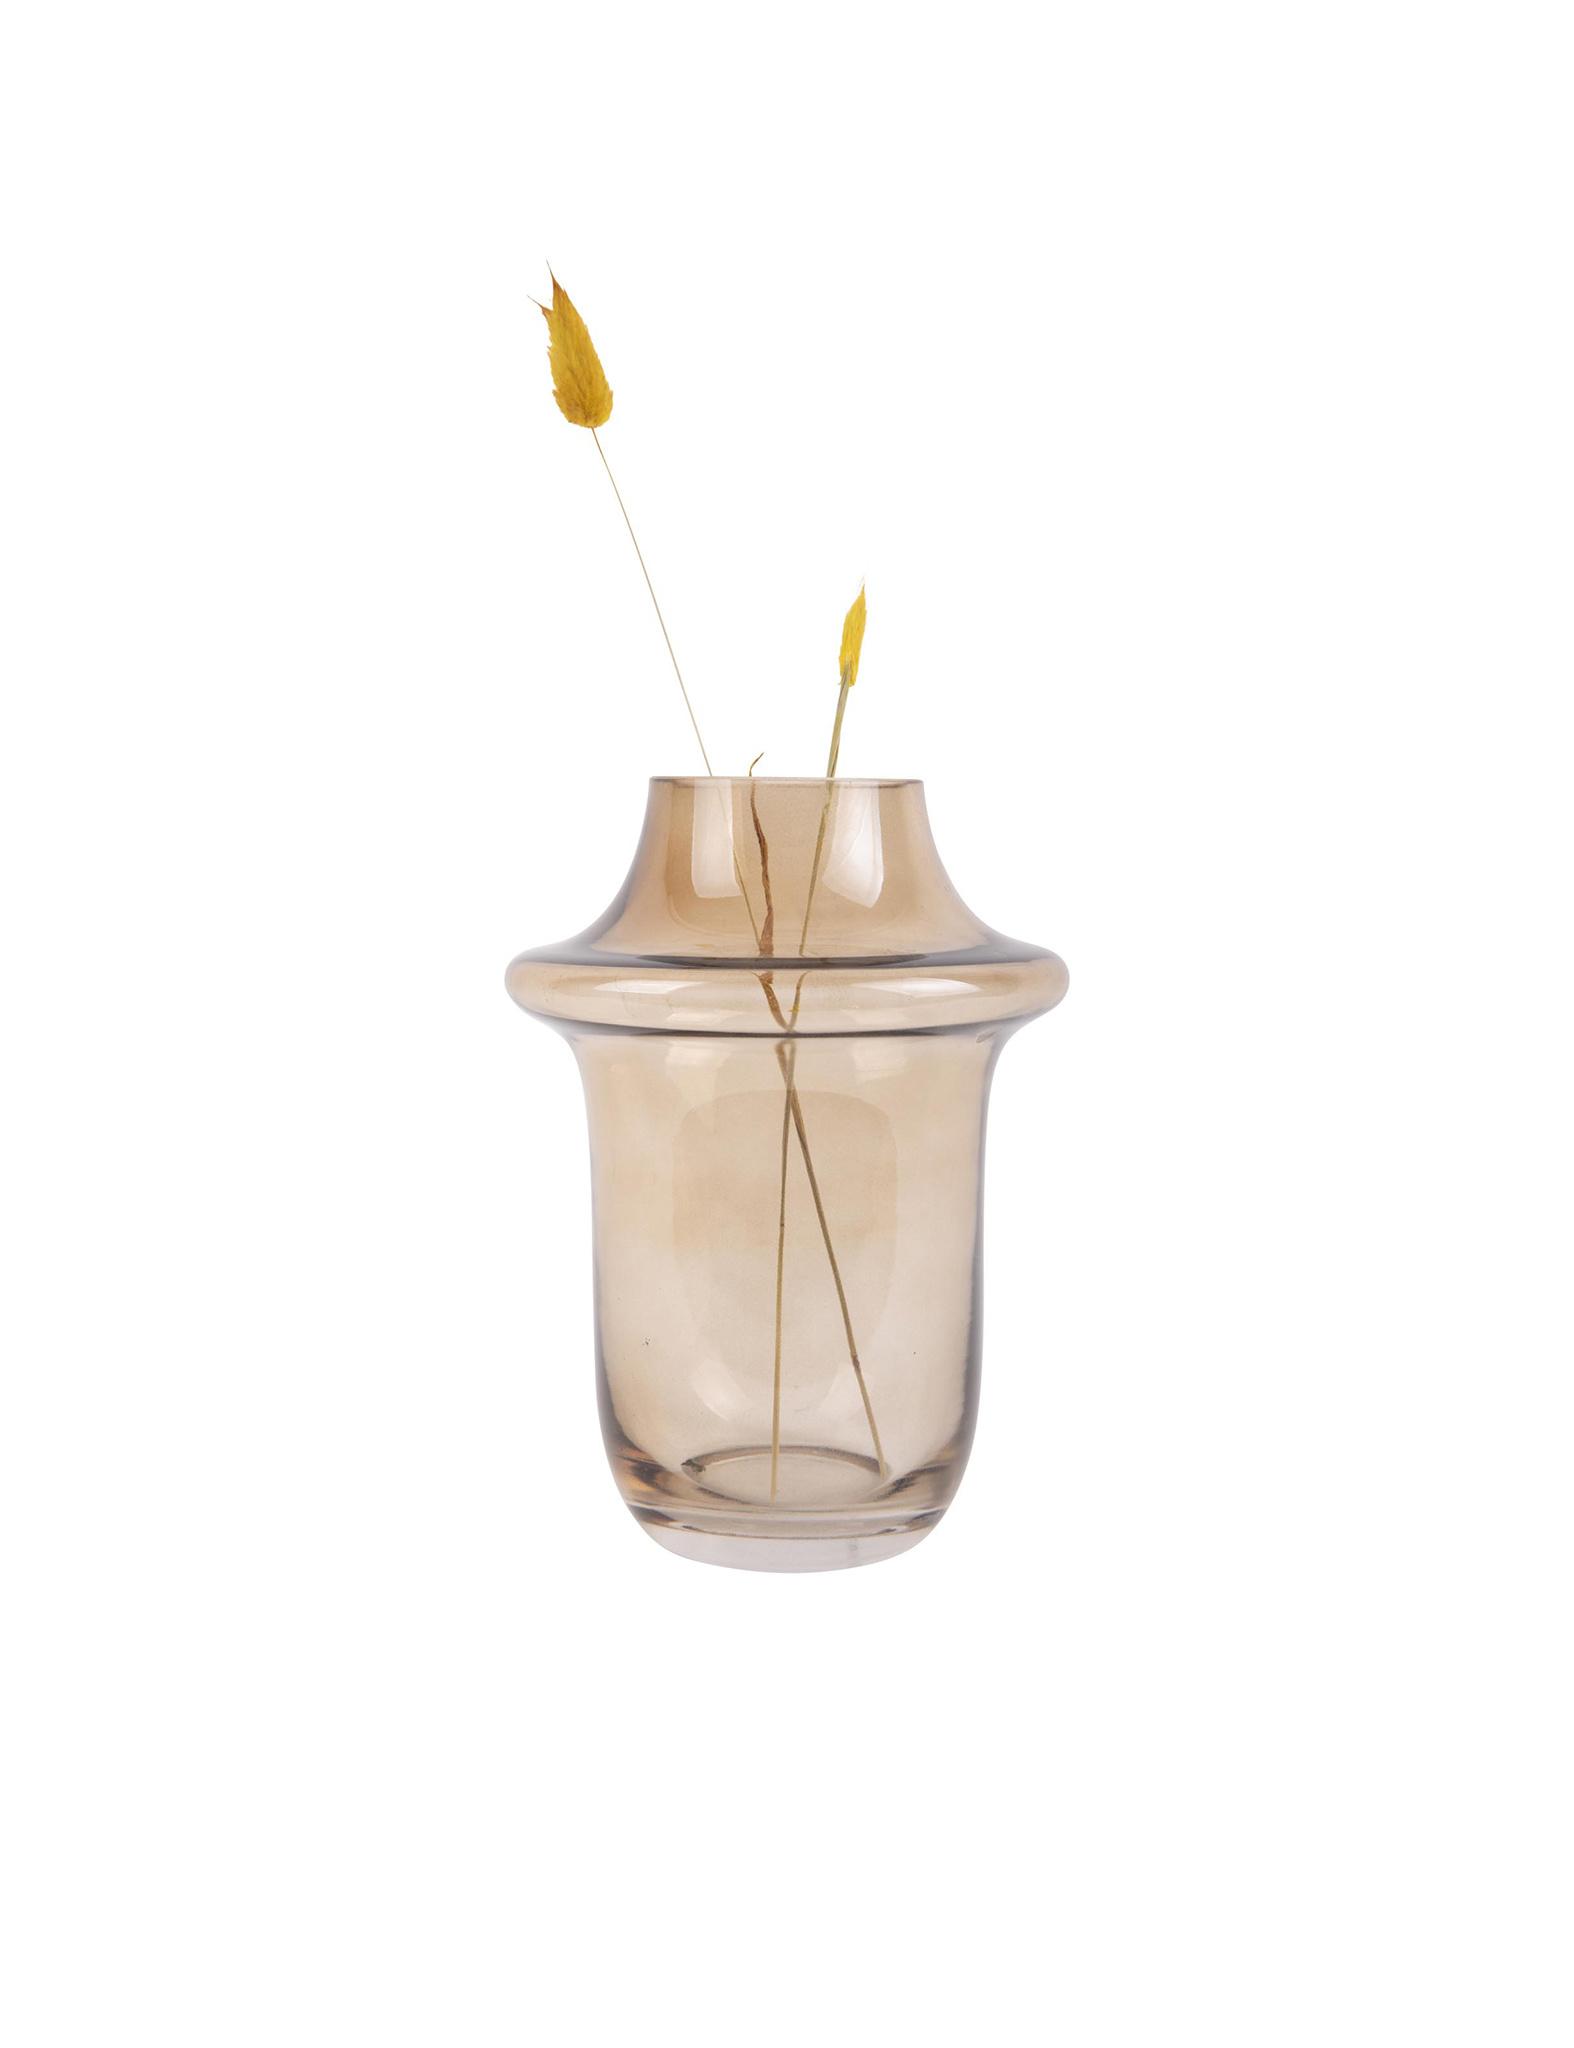 Bruine glazen vaas van Present Time